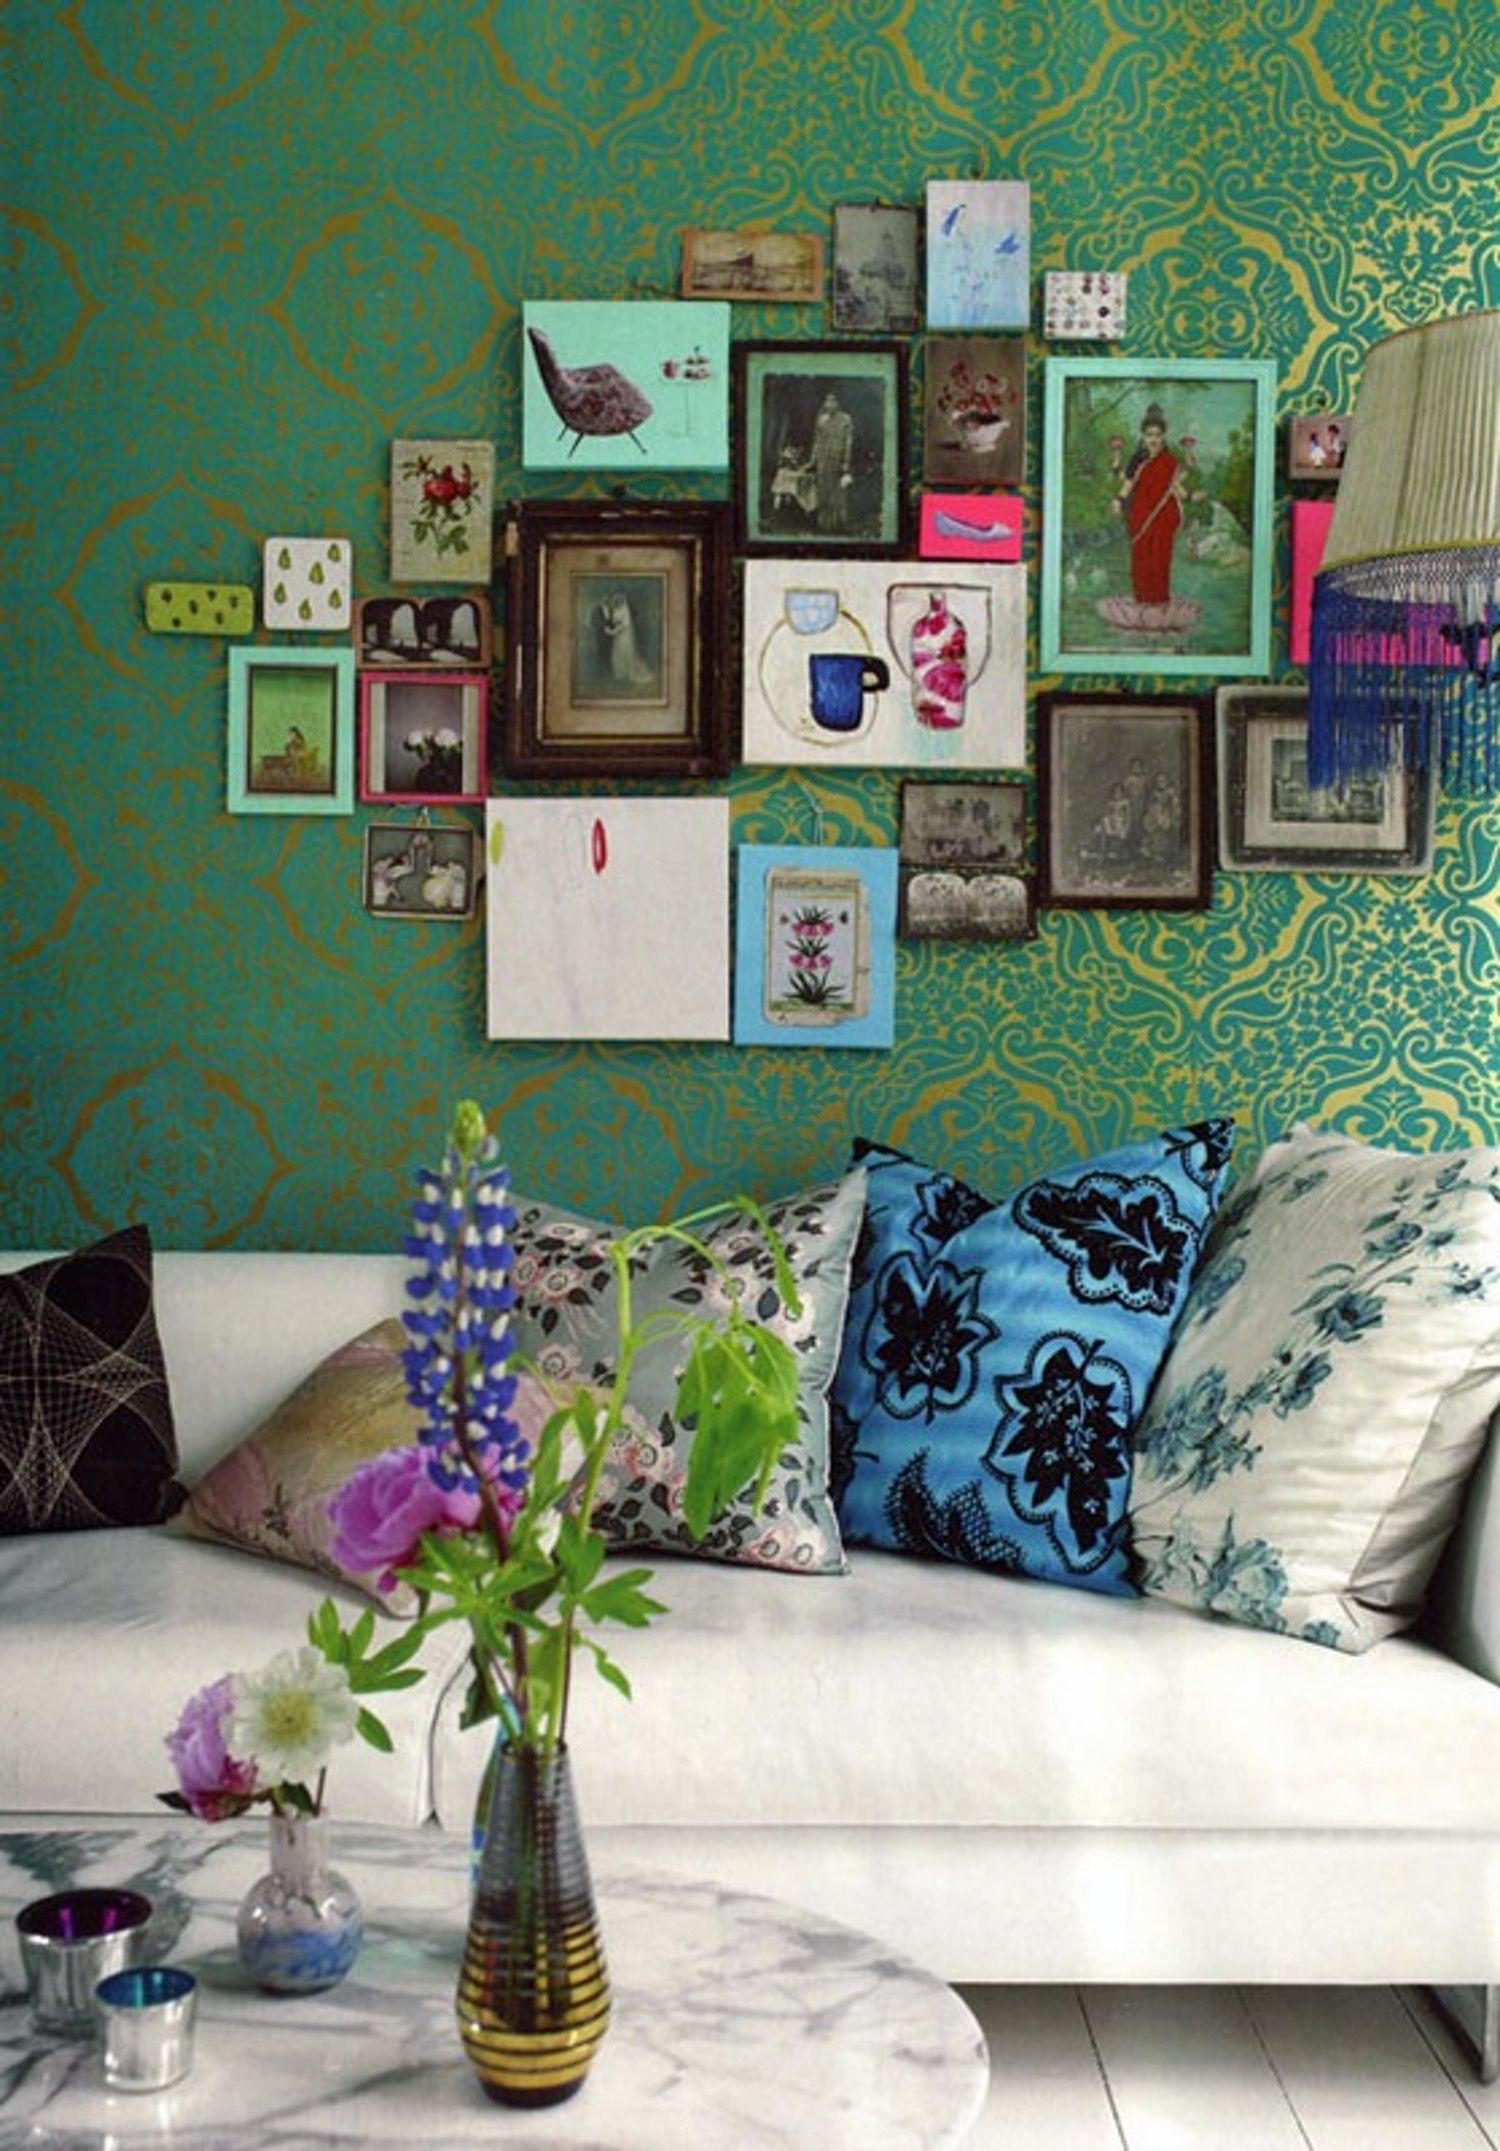 Jewel Tones in the Living Room